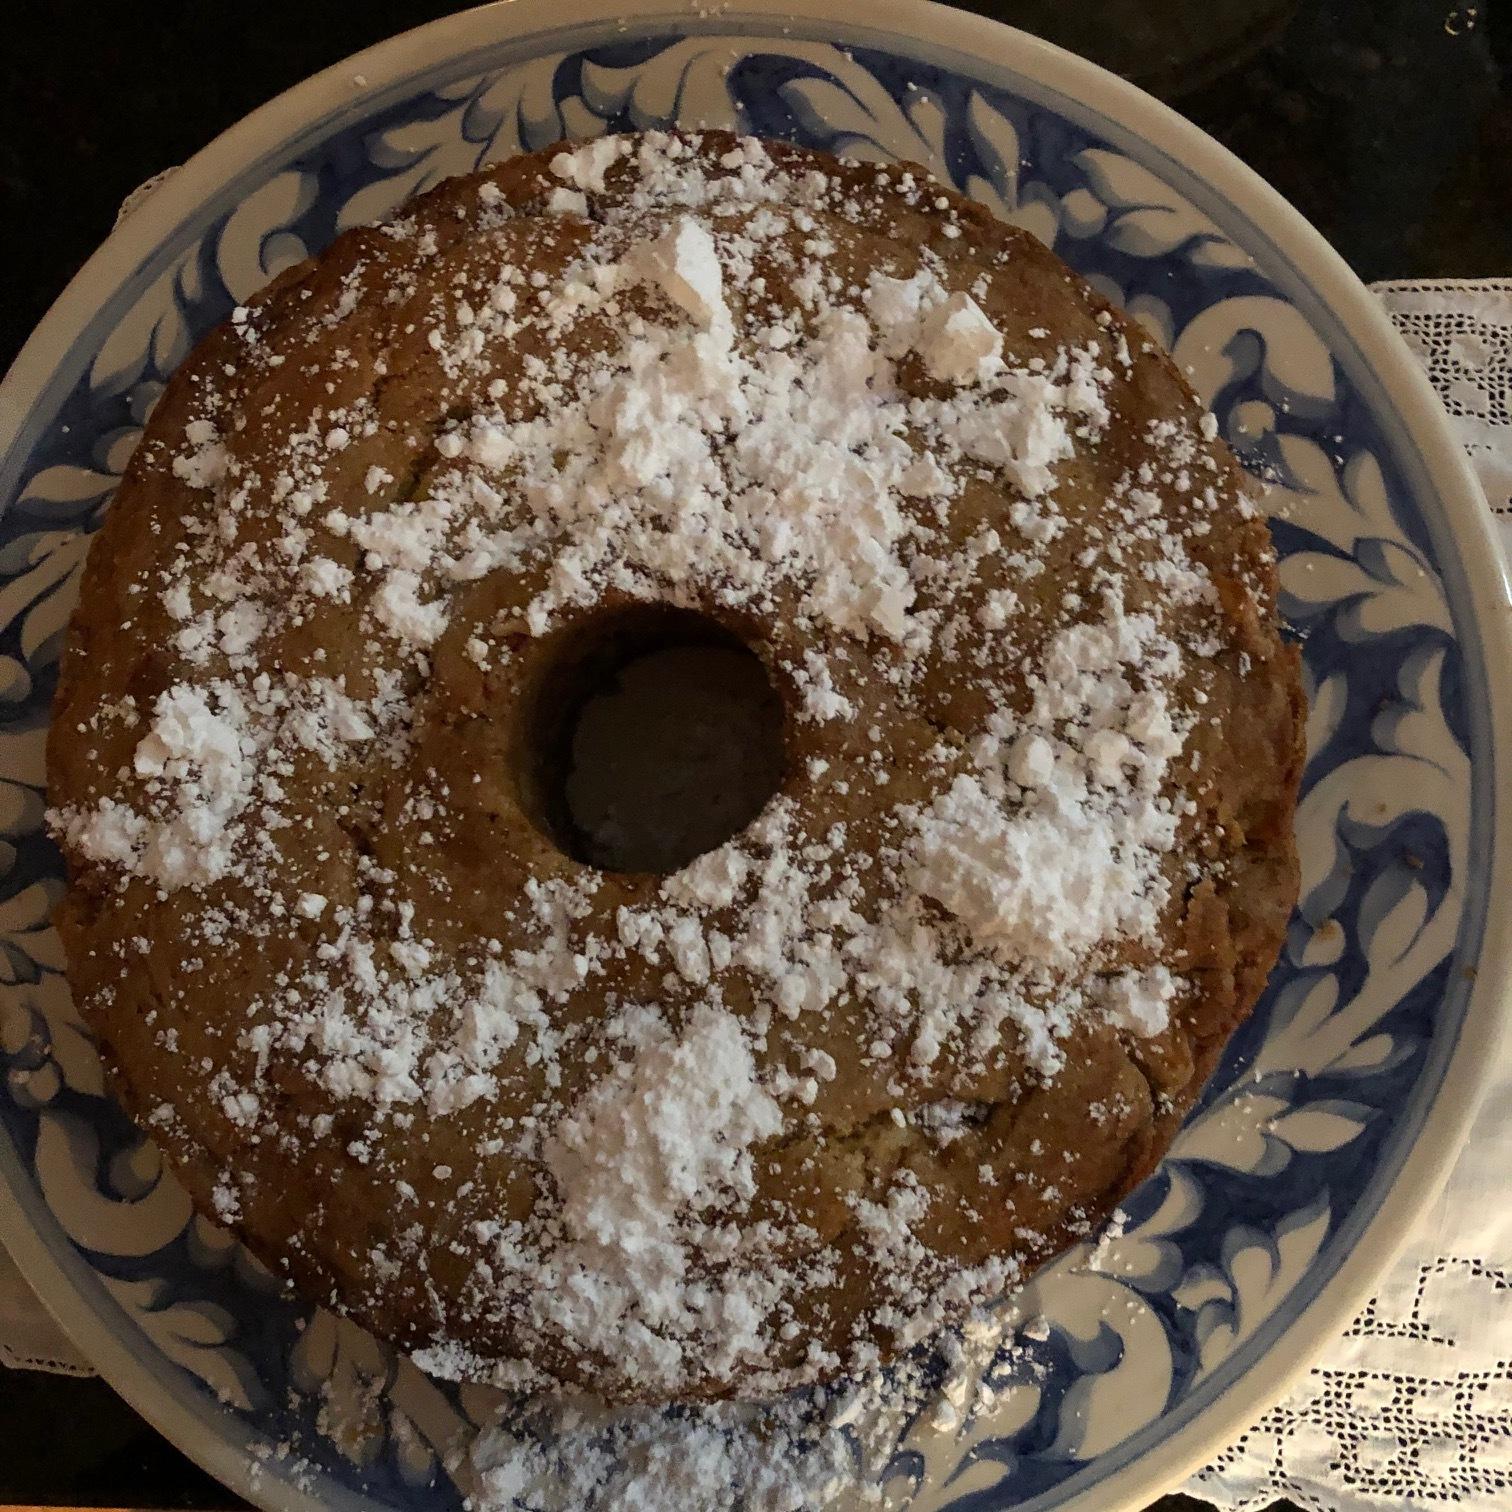 Amanda Hesser's Teddie's Apple Cake - Yield: 8 Servings